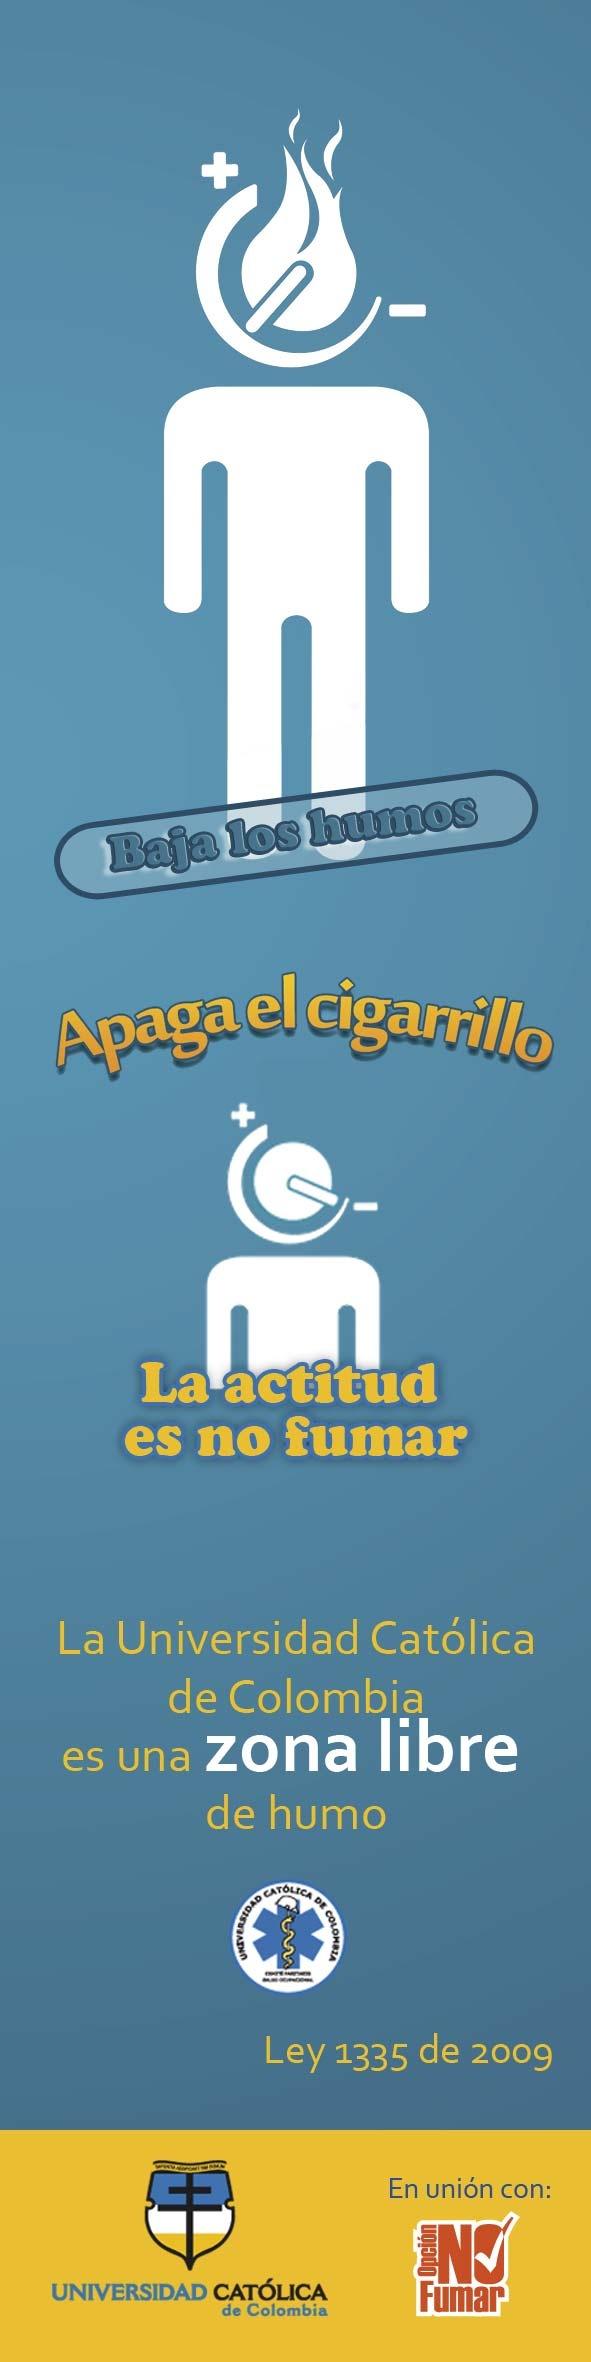 """UCatólicos, """"La opción es no fumar"""""""